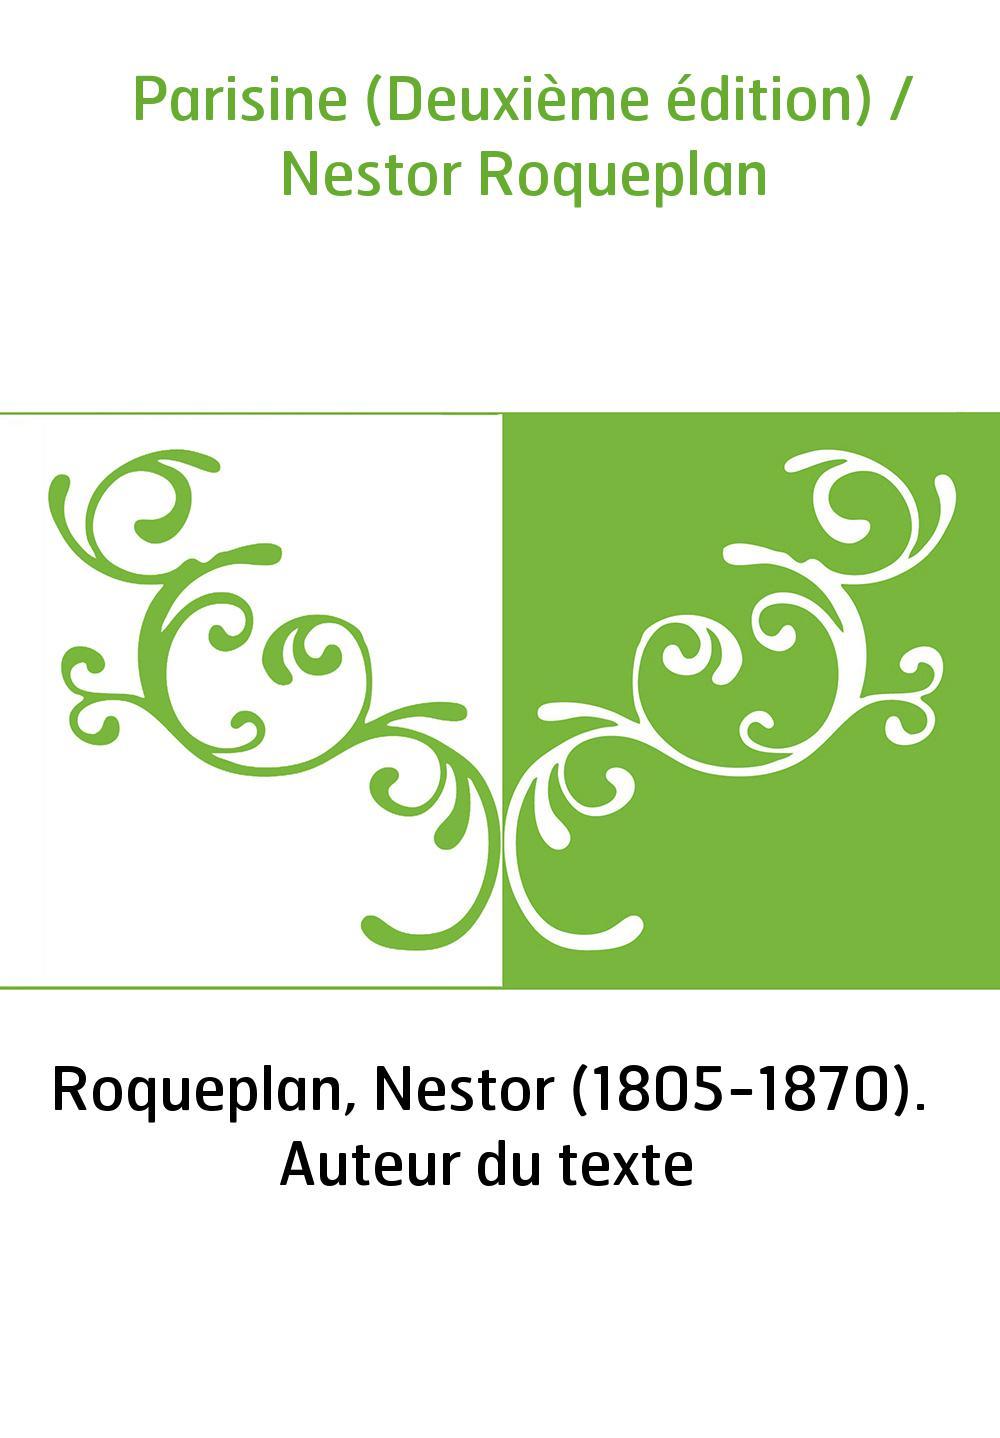 Parisine (Deuxième édition) / Nestor Roqueplan